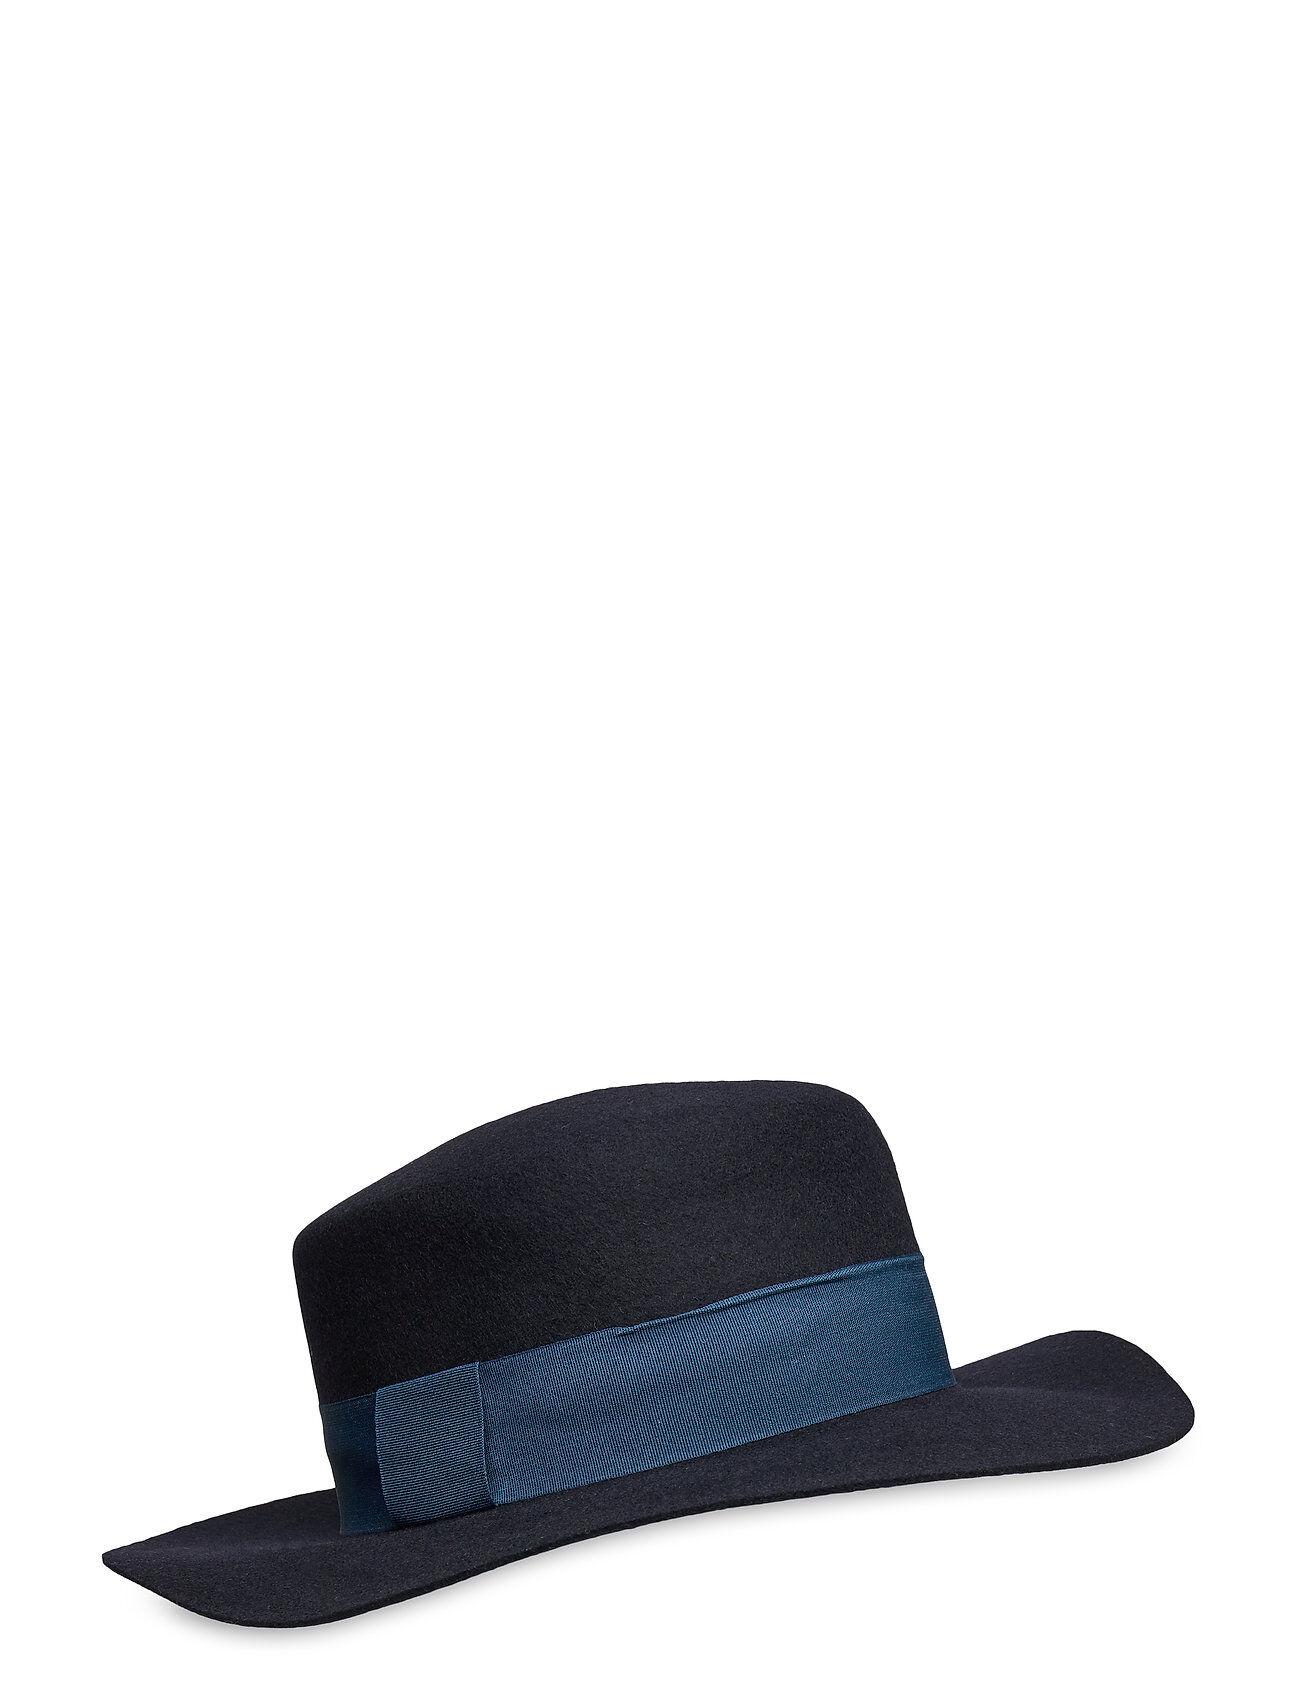 By Malina Jolie Hat Accessories Headwear Hats Sininen By Malina